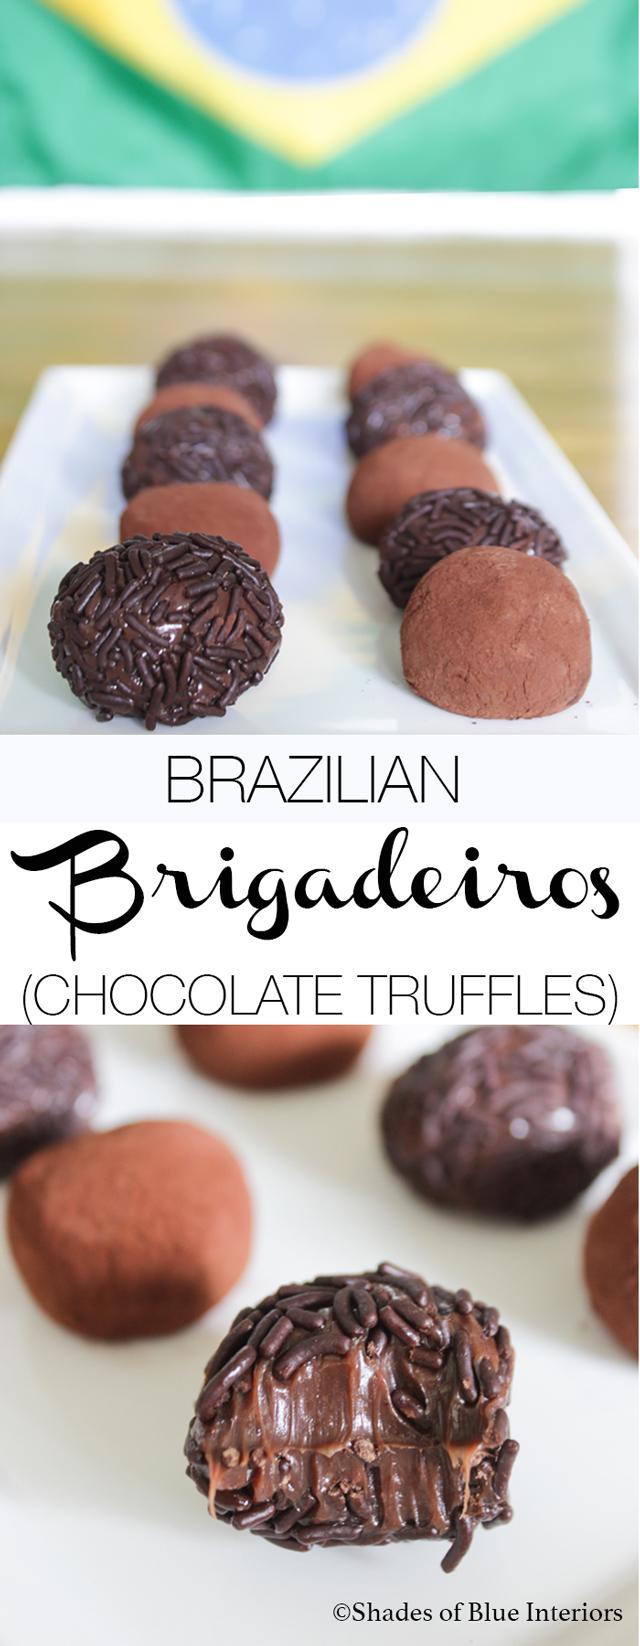 Brazilian-Brigadeiros